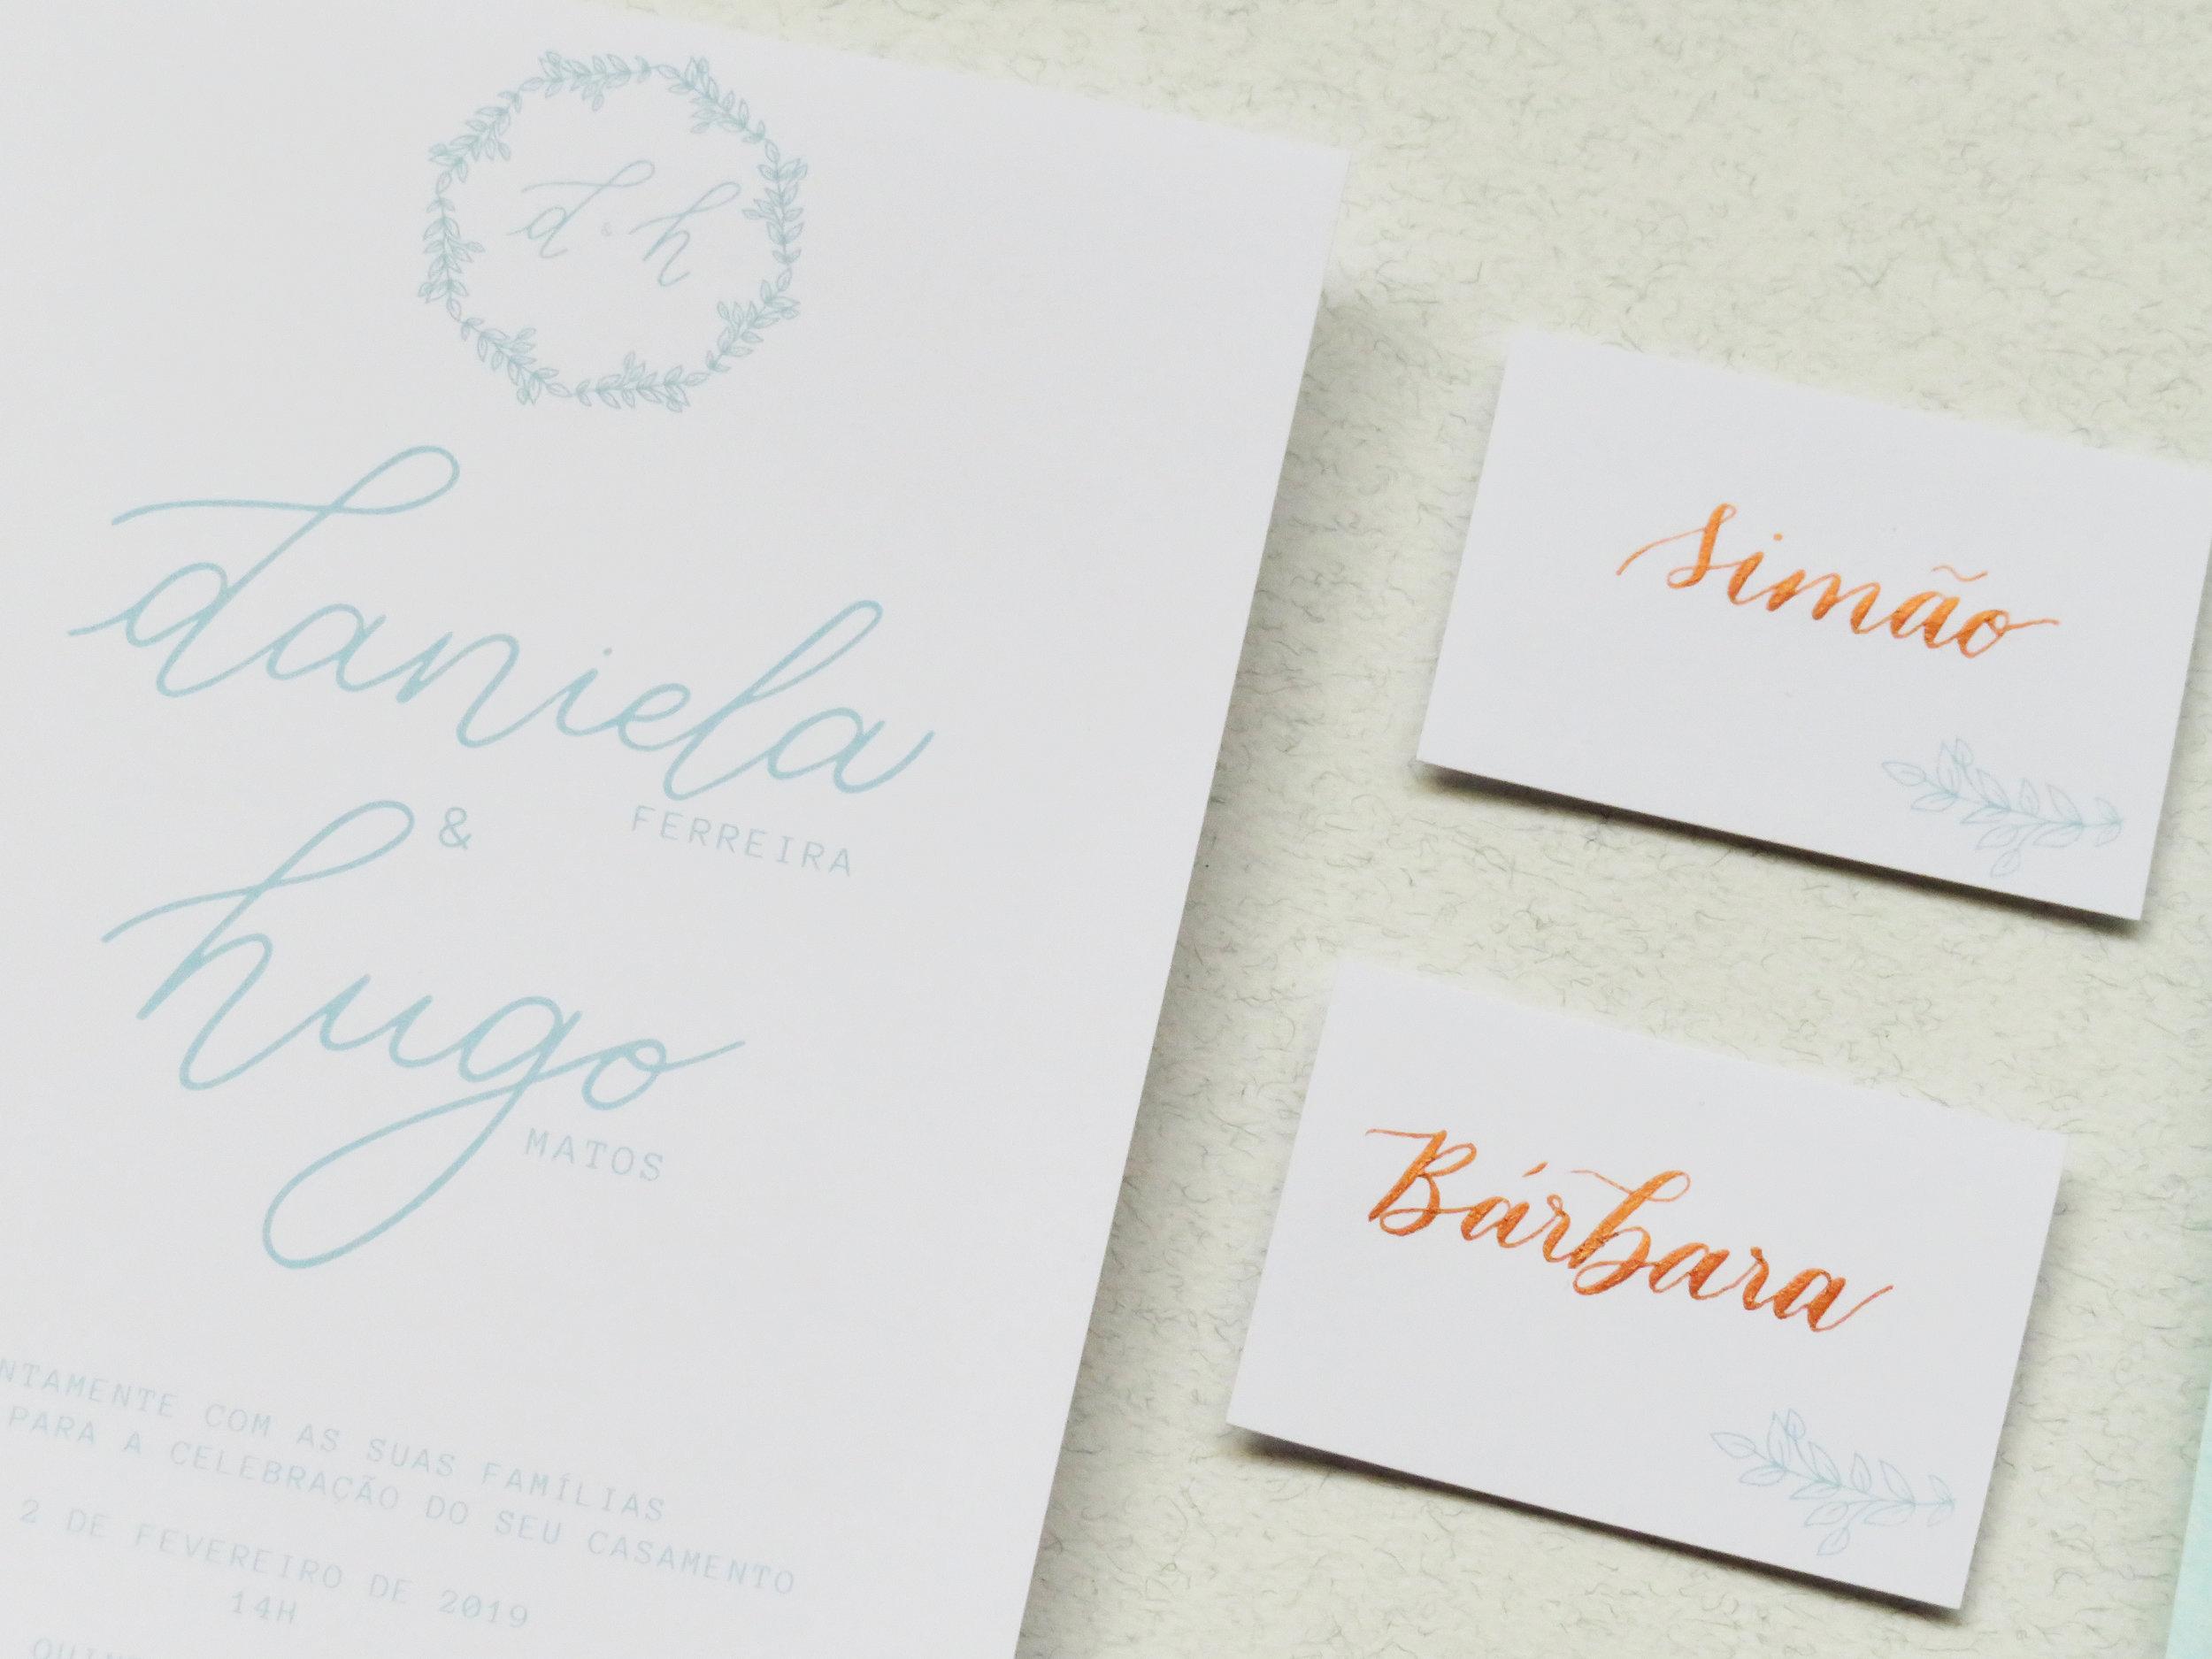 Storytime Calligraphy & Design Marcadores de Lugar